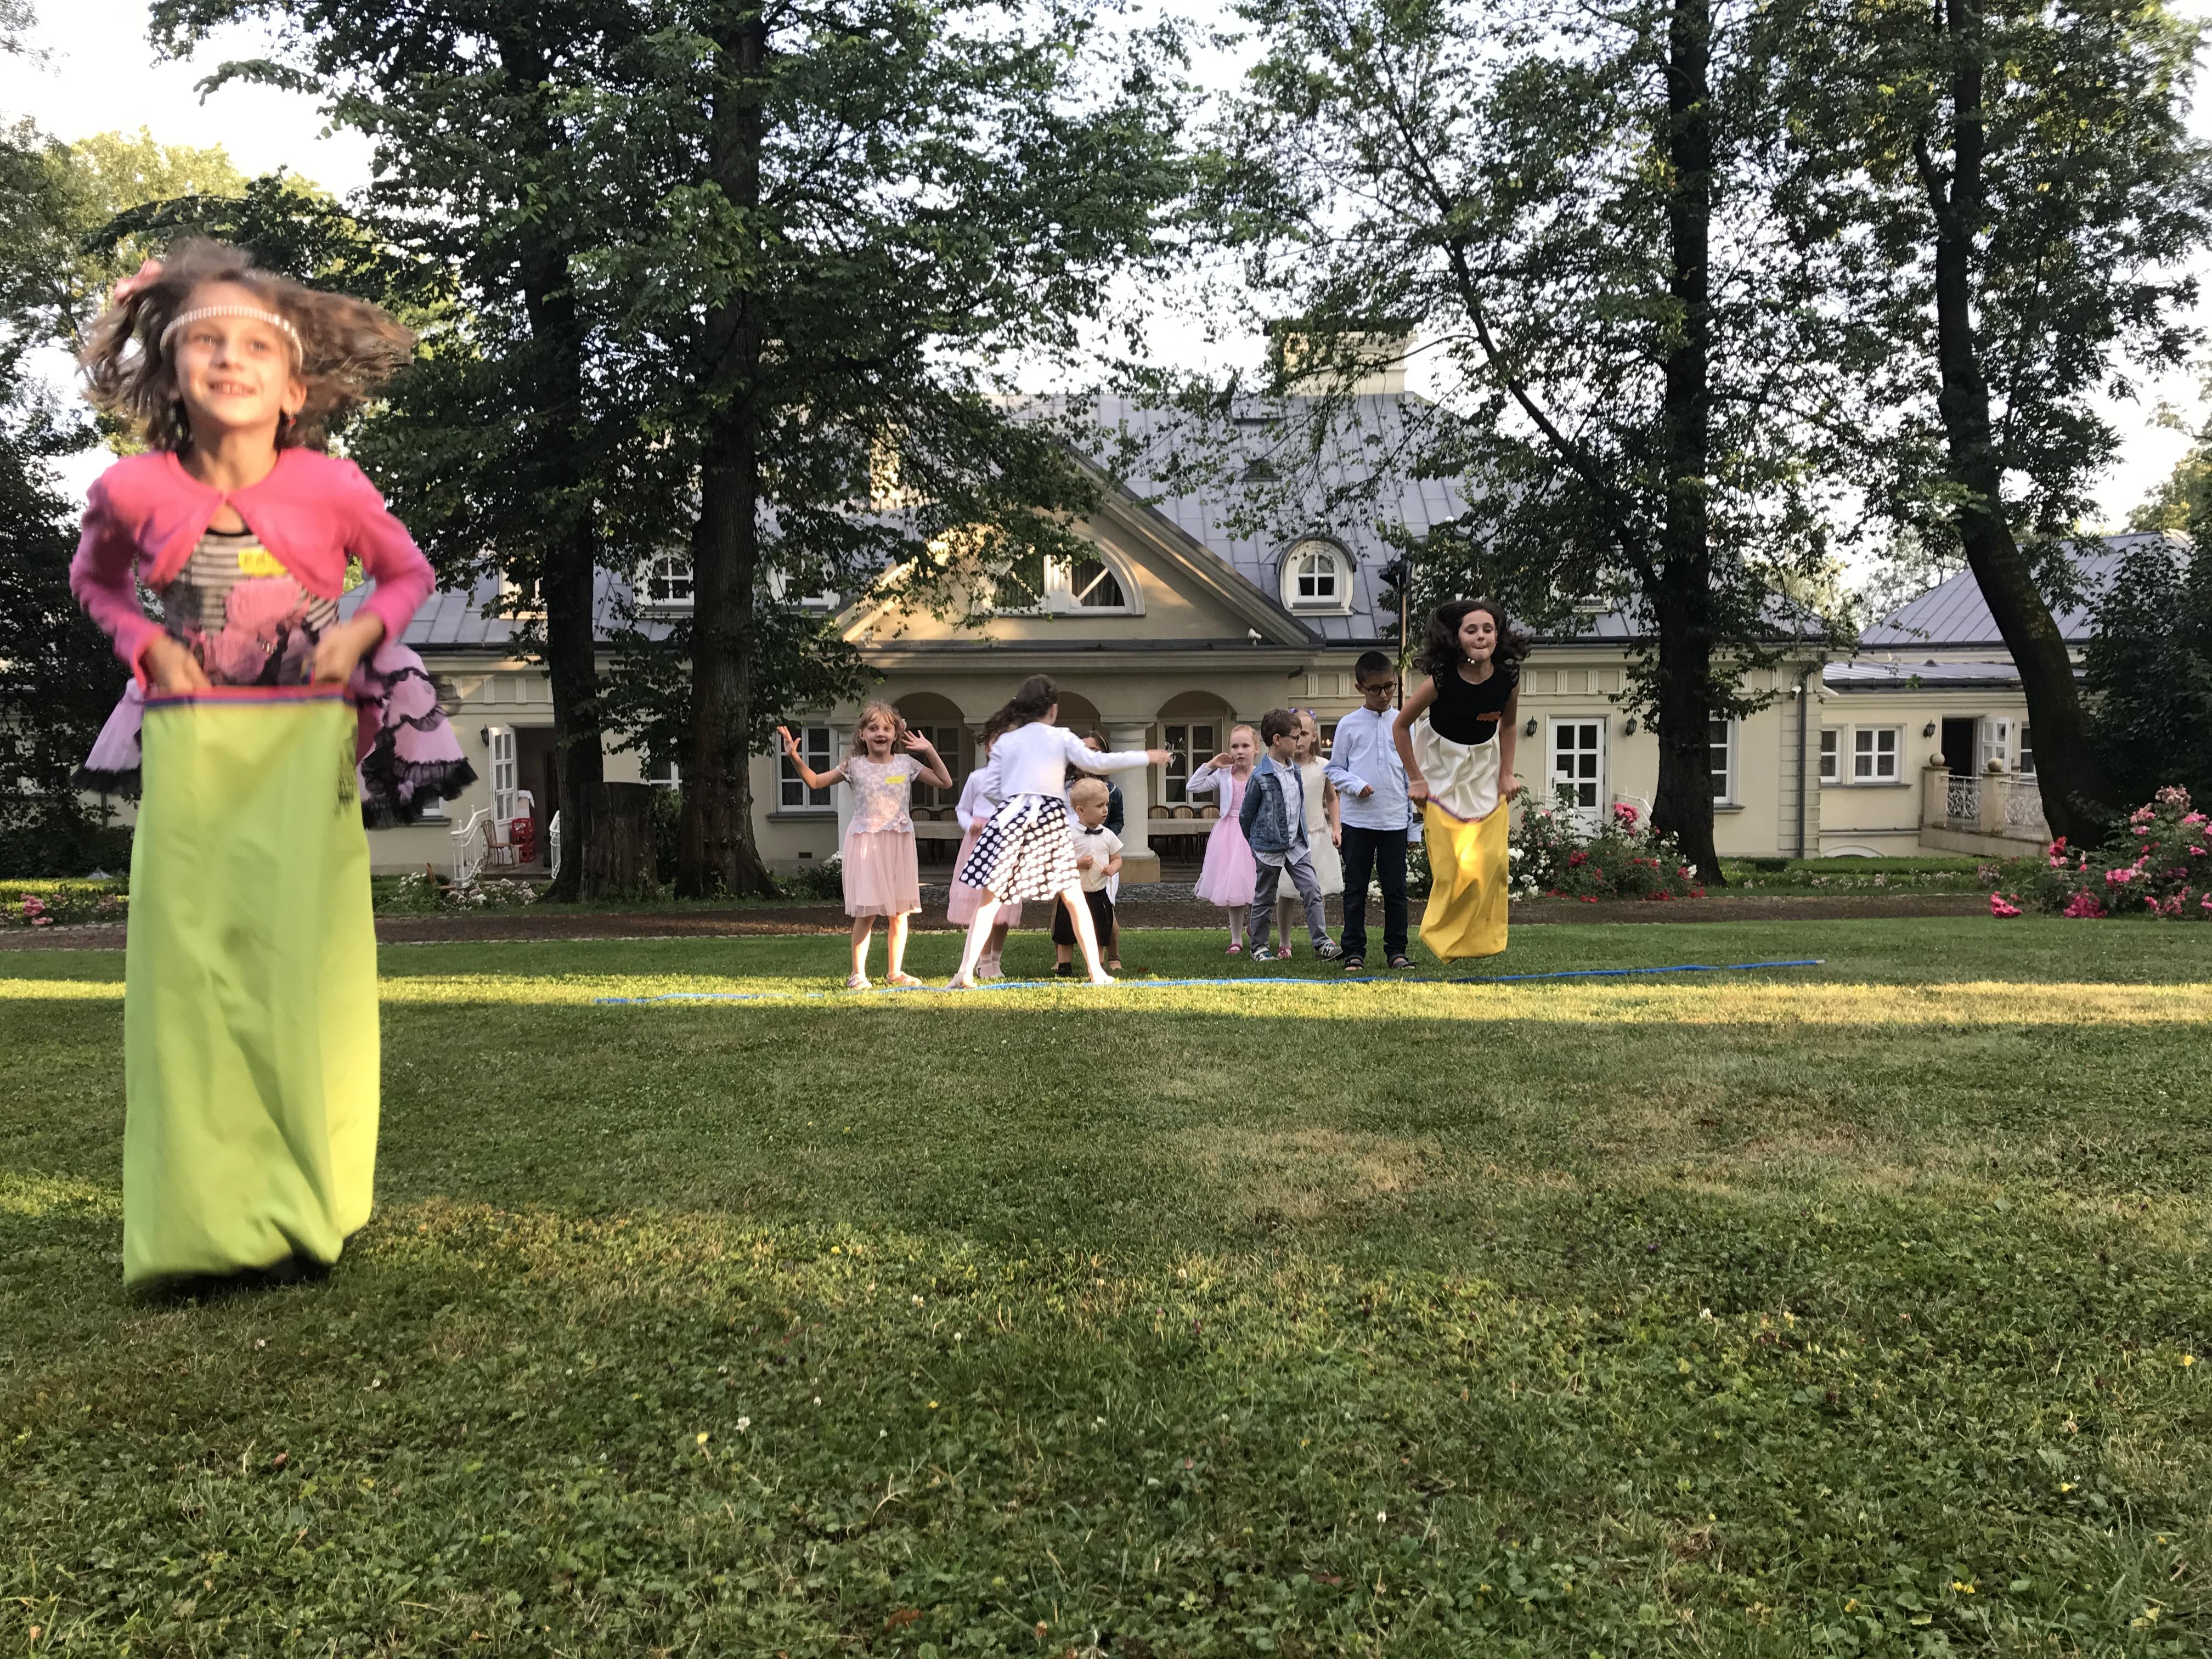 Animacje weselne na terenie Bielsko-Biała i Żywiec. Basen z kulkami i zabawy ruchowe. Całonocna opieka dla dzieci podczas komunii.